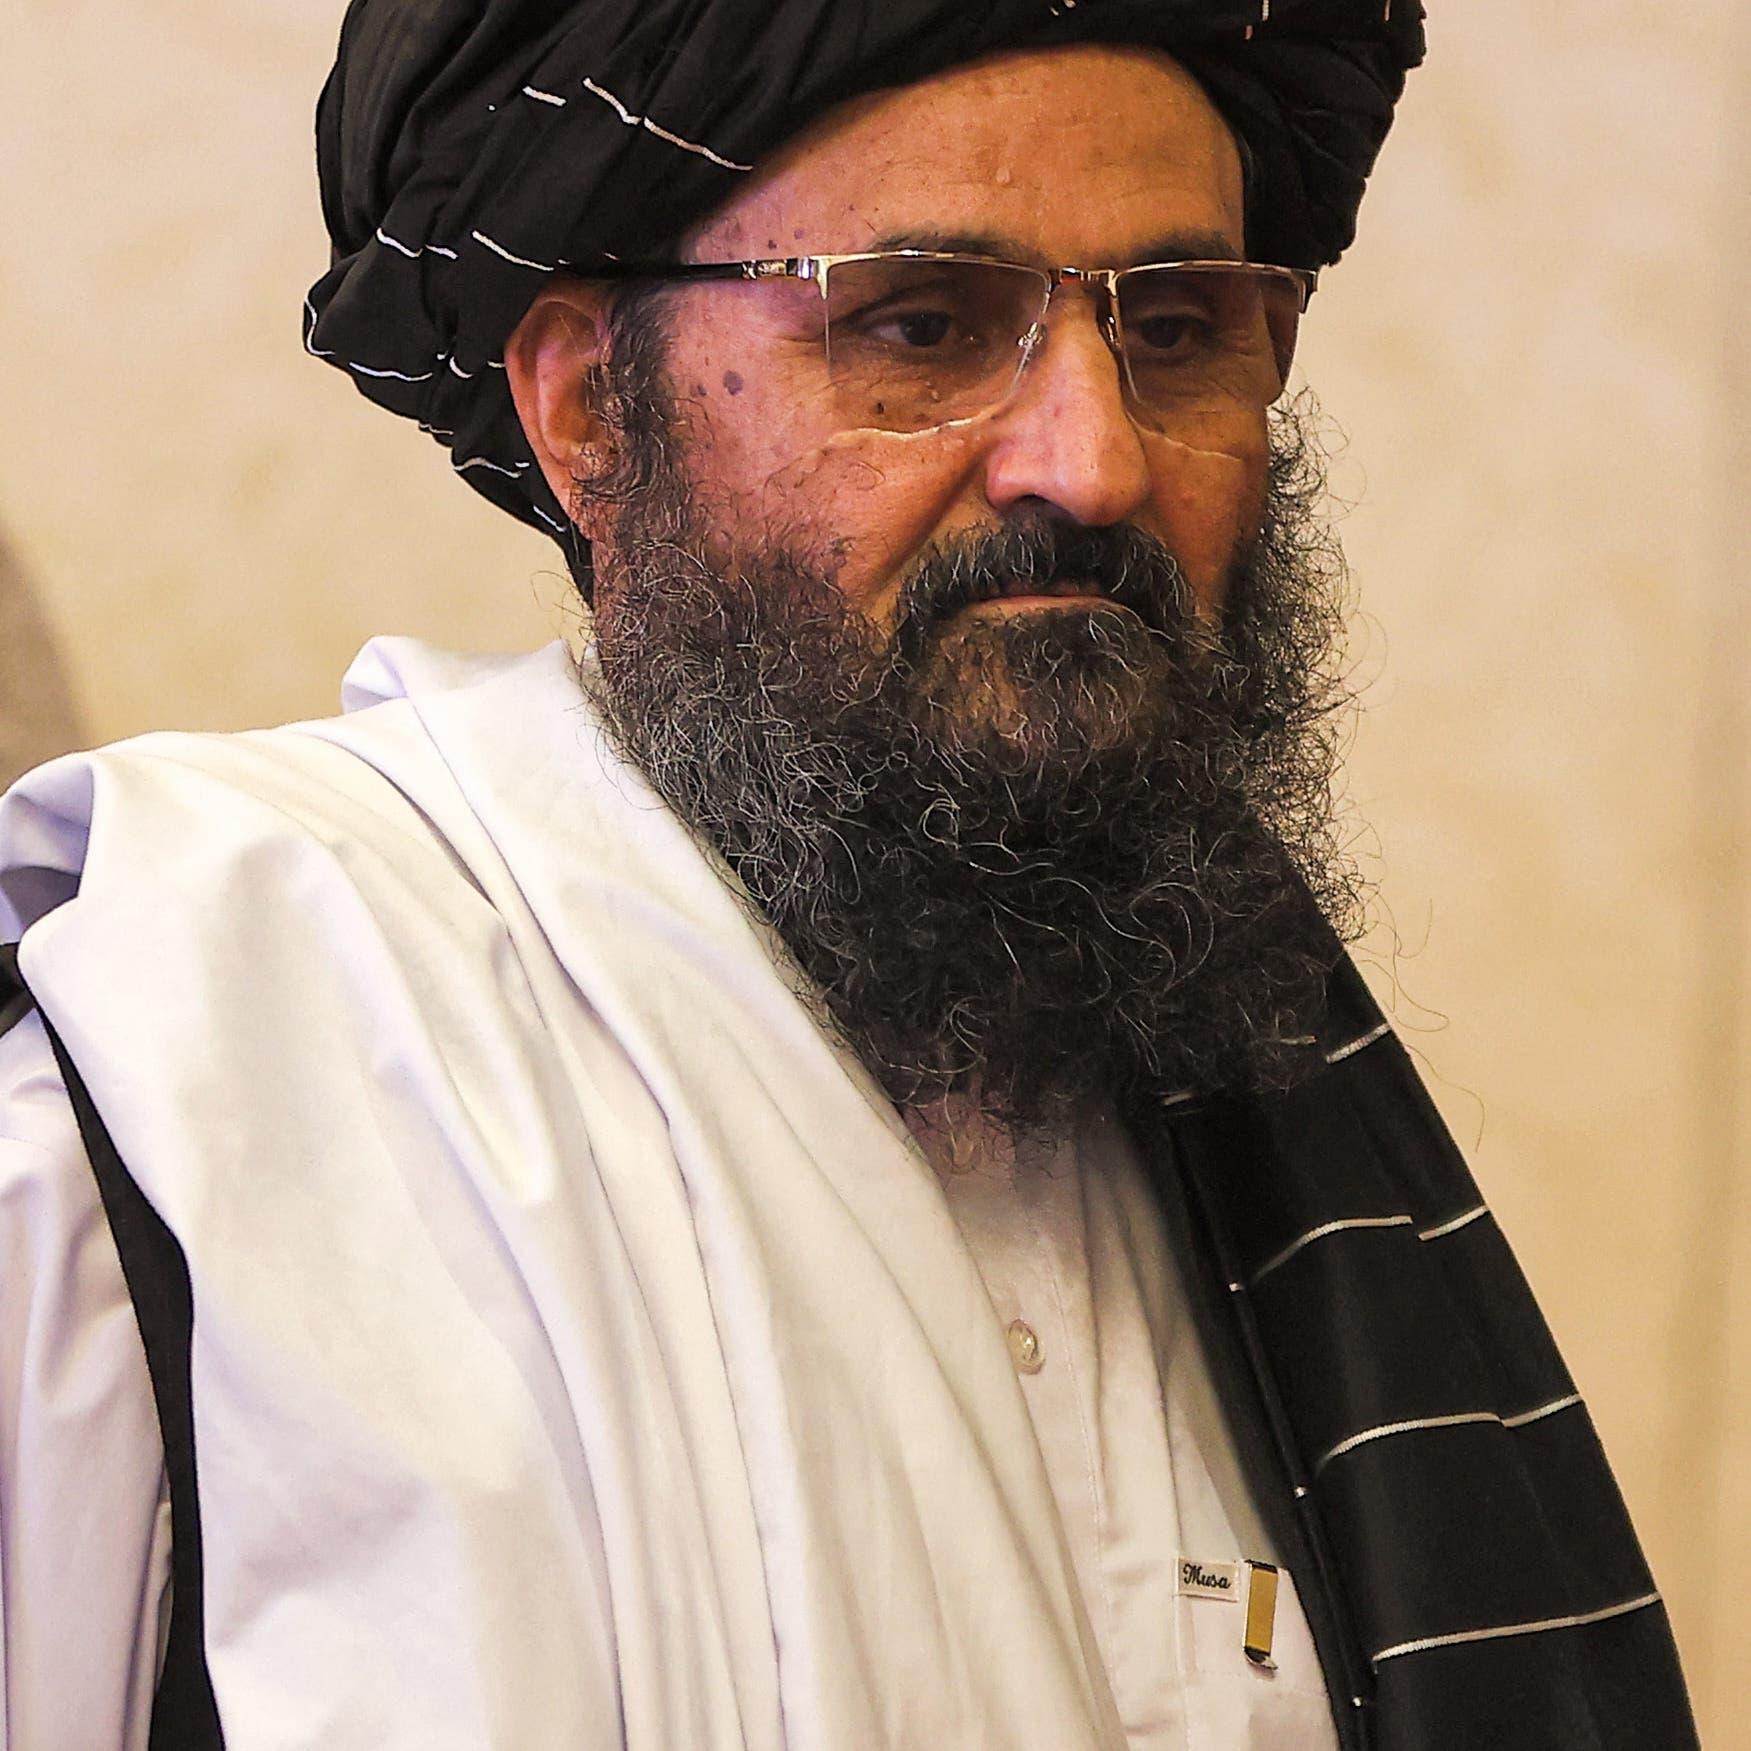 وكالة سبوتنيك عن مصدر في طالبان: سيتم تعيين الملا عبد الغني برادر وزيرا للخارجية